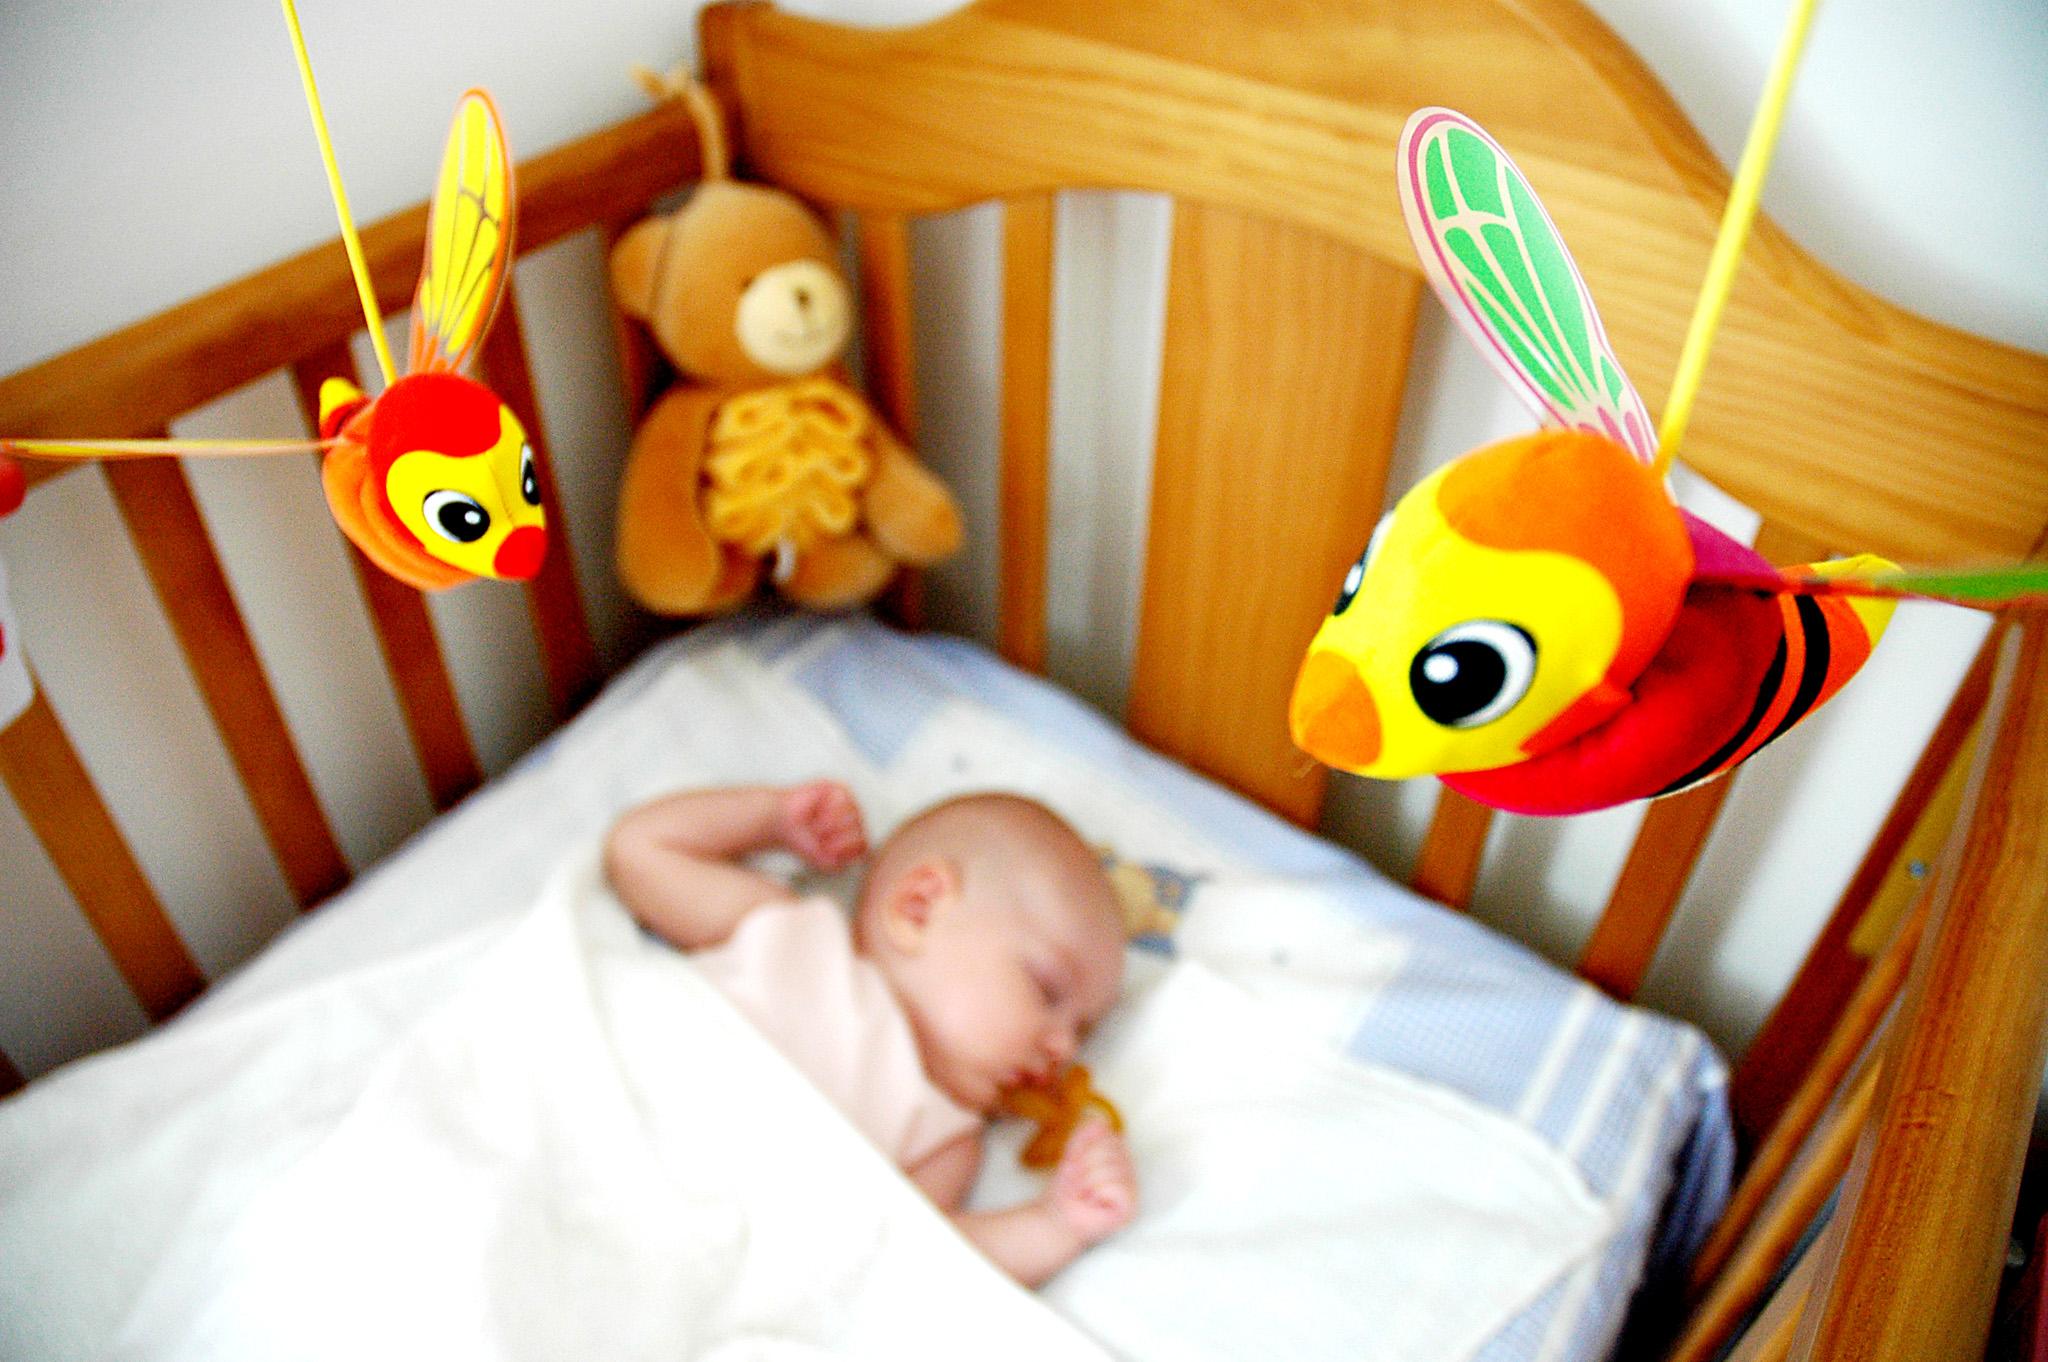 Regras rígidas sobre a hora de deitar podem ajudar as crianças a dormir o suficiente